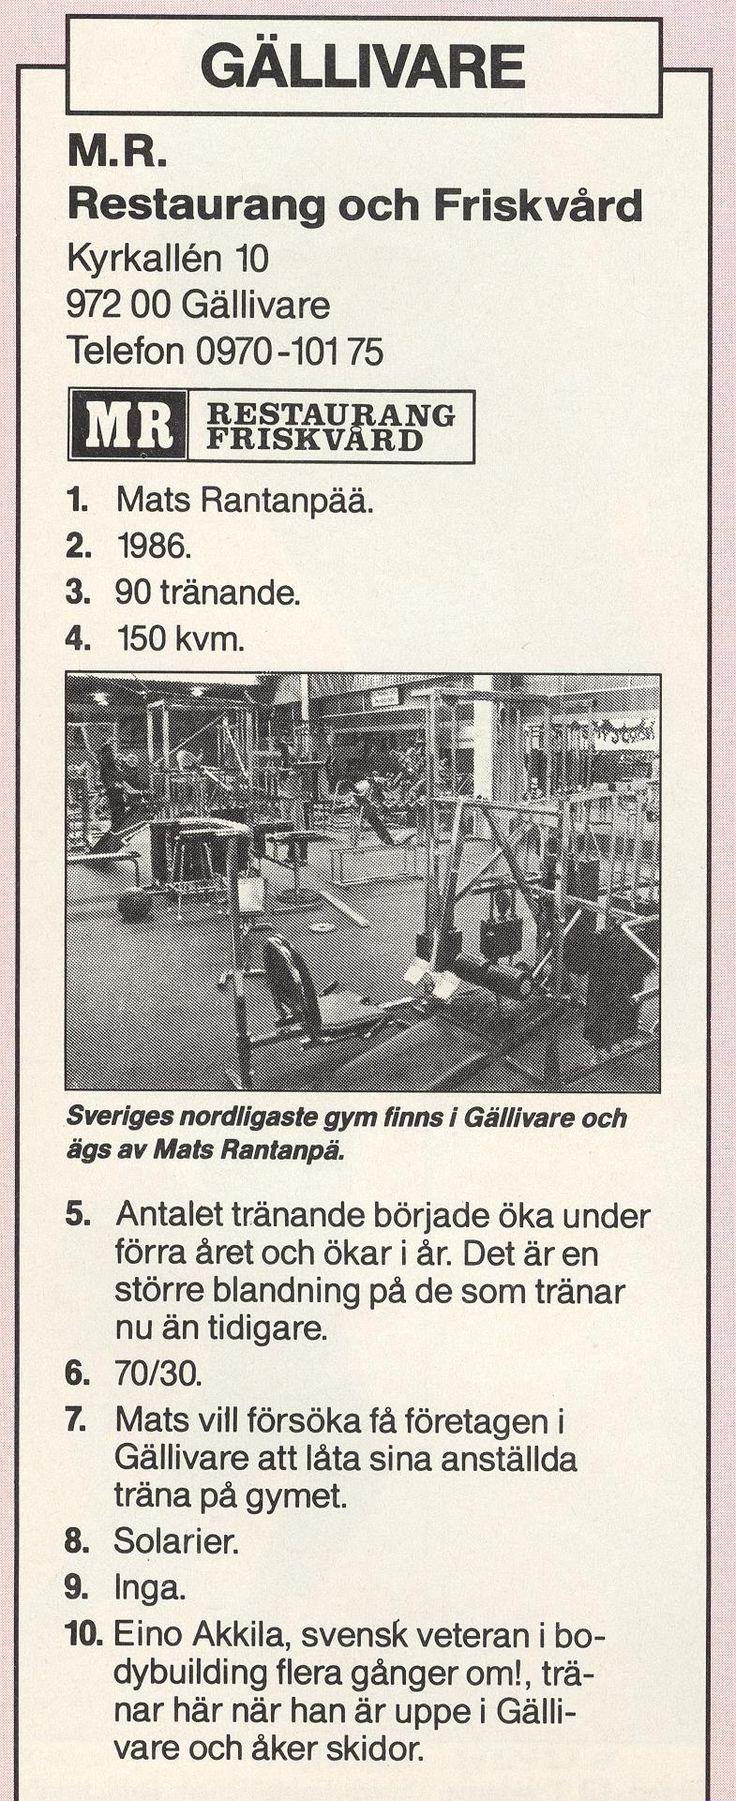 Sweden Gällivare - MR Restaurang och Friskvård 1987